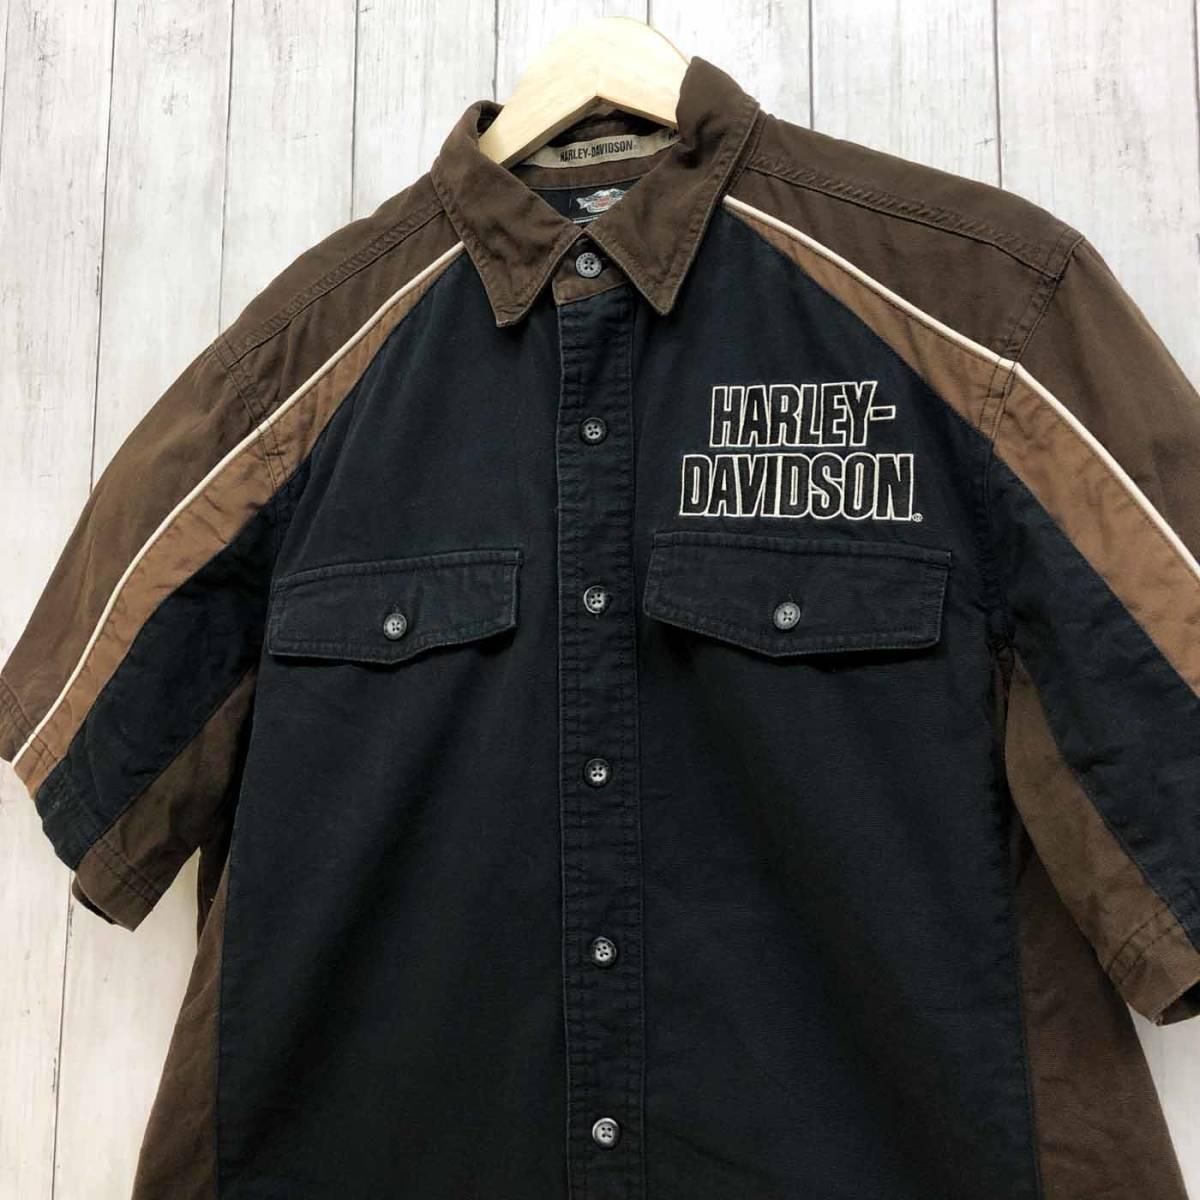 HARLEY DAVIDSON ハーレーダビッドソン 古着 半袖シャツ メンズ コットン100% Mサイズ 9-66_画像2